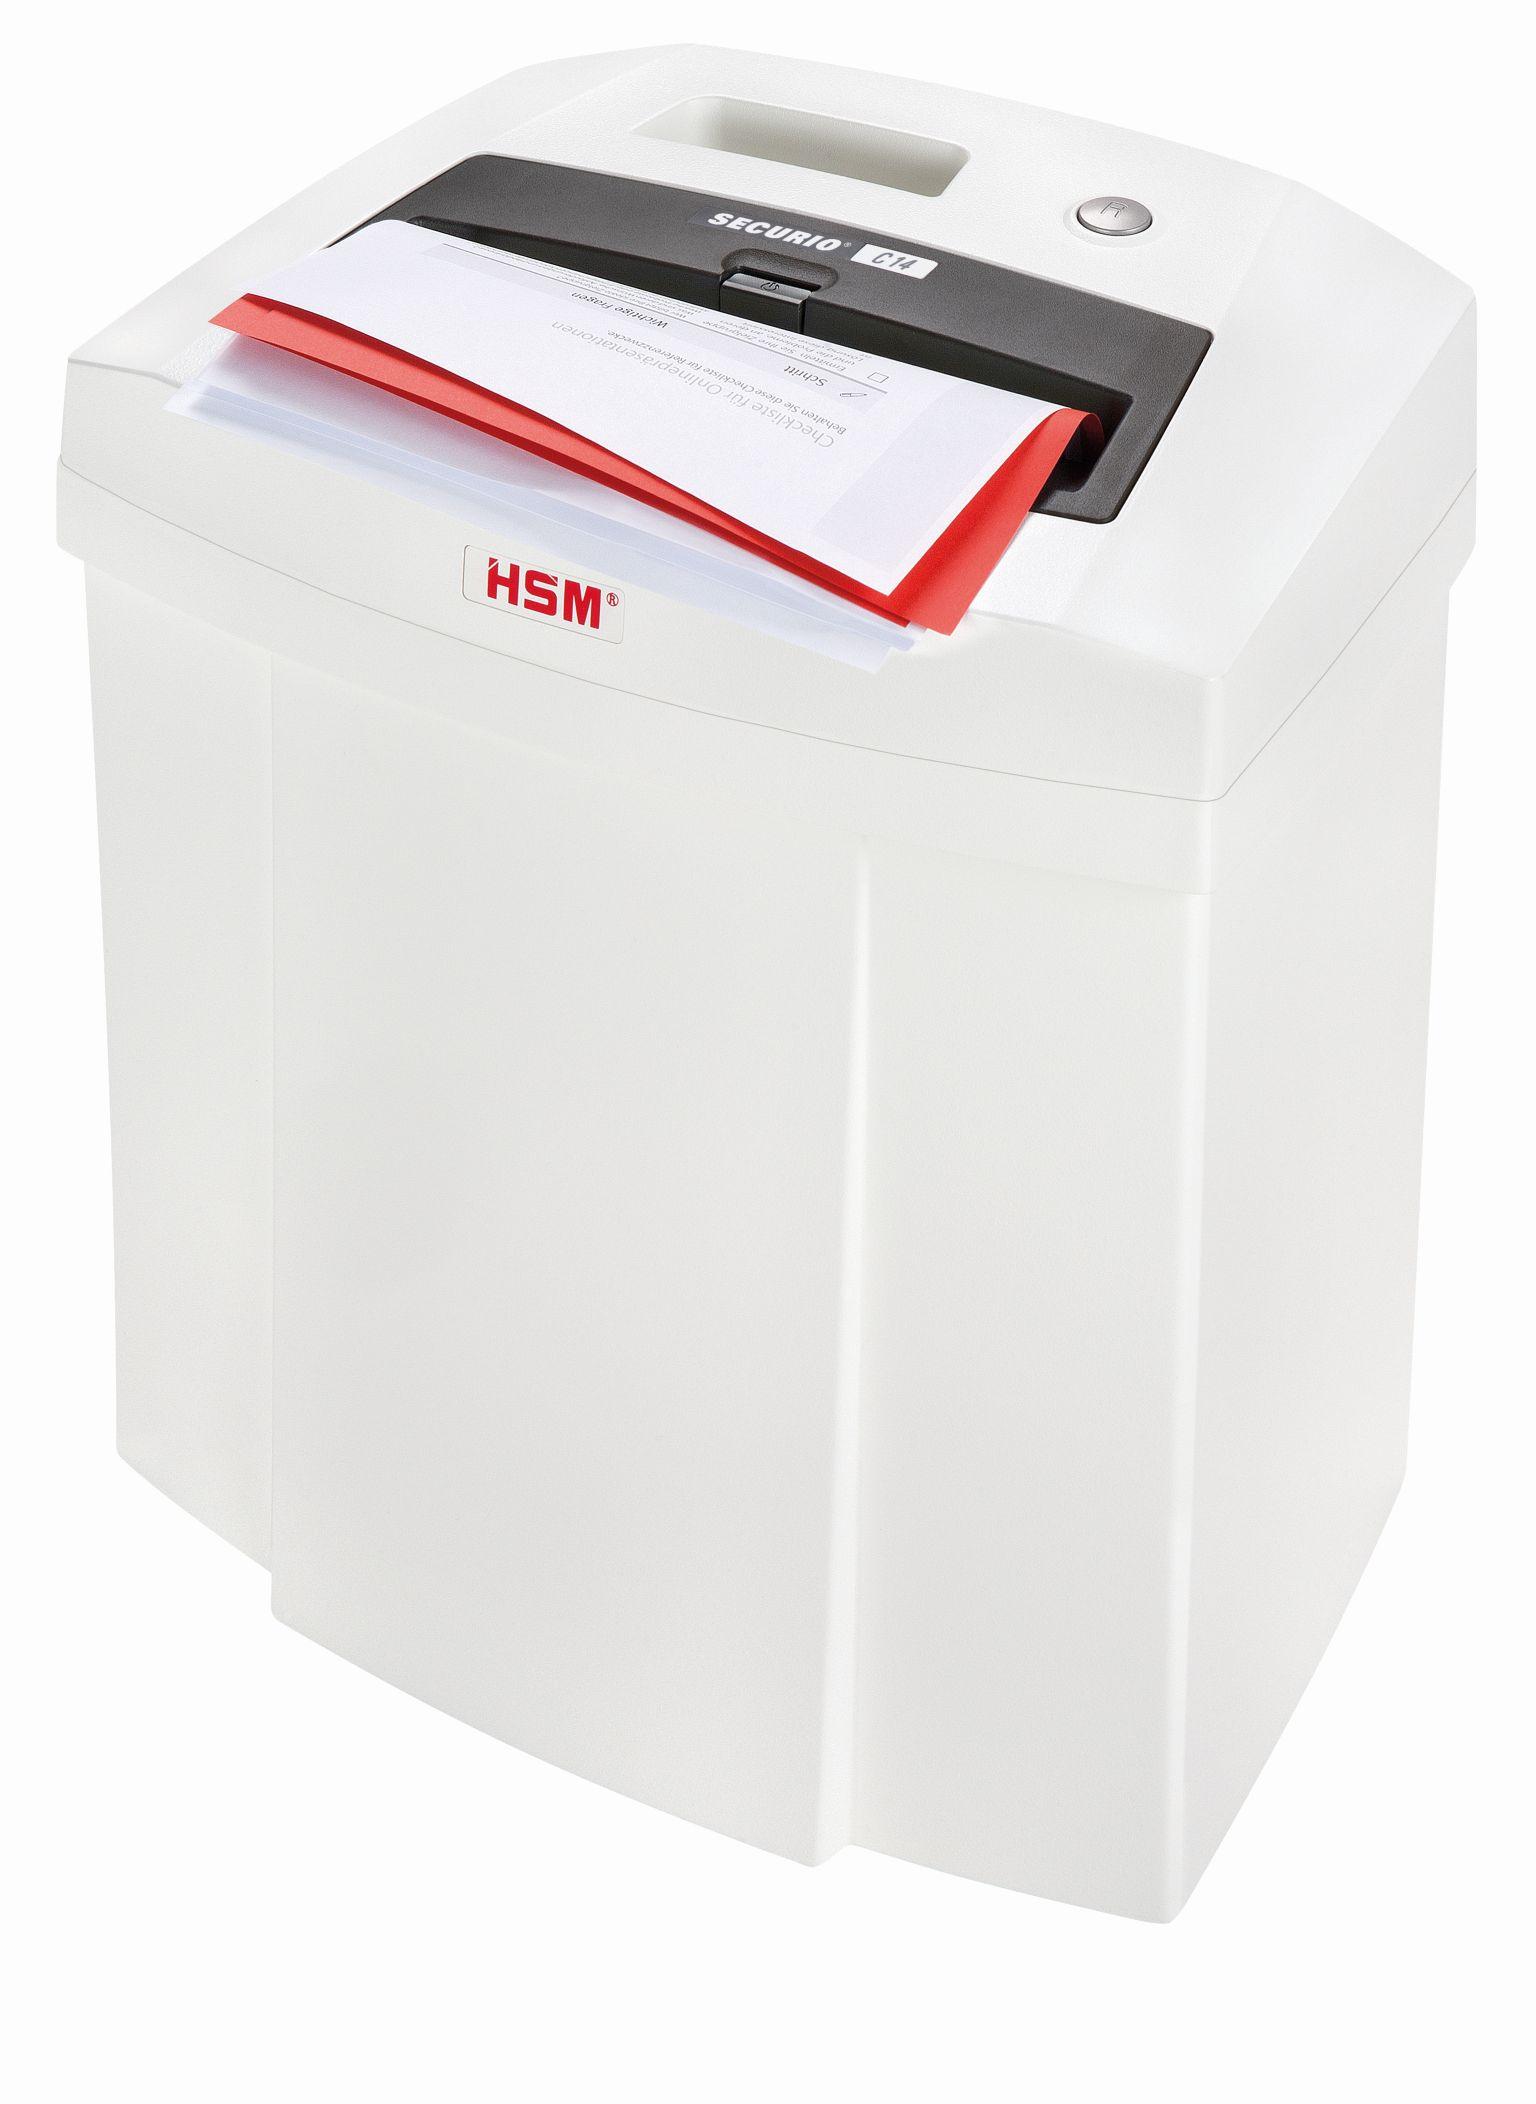 HSM-SECURIO-C14-P4-JPG